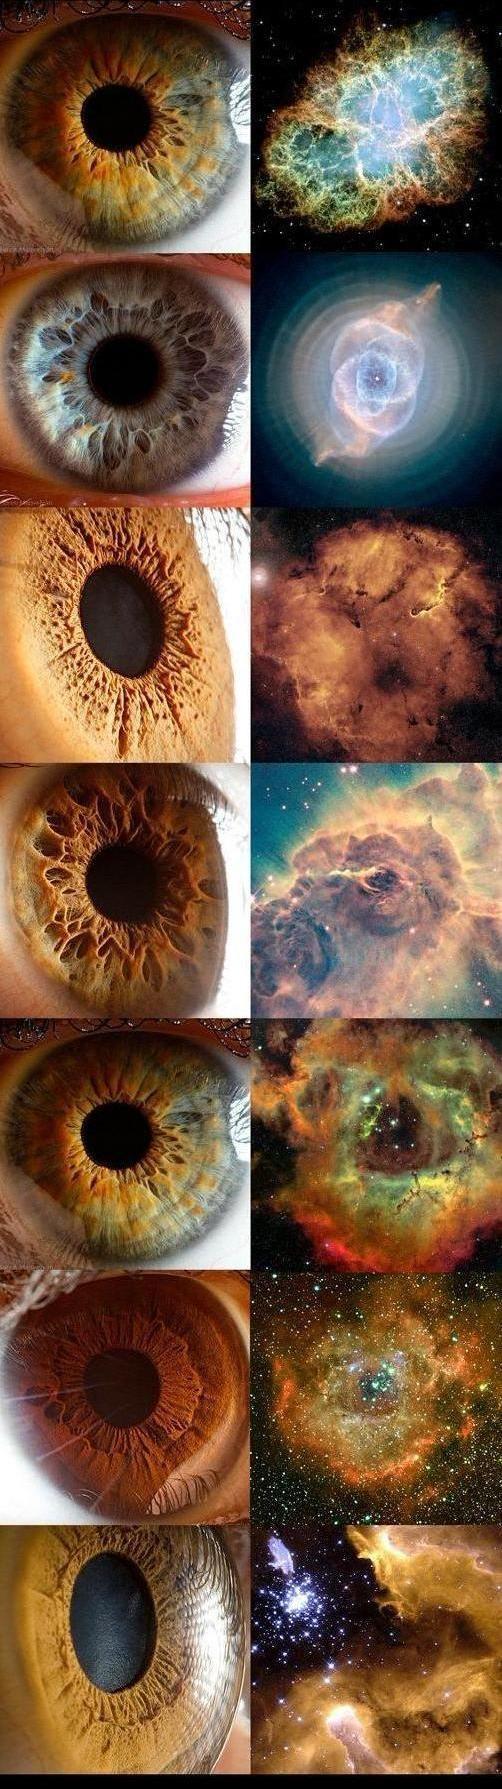 Les yeux sont une fenêtre sur l'âme, mais ils peuvent également être une fenêtre sur la santé globale de notre corps.